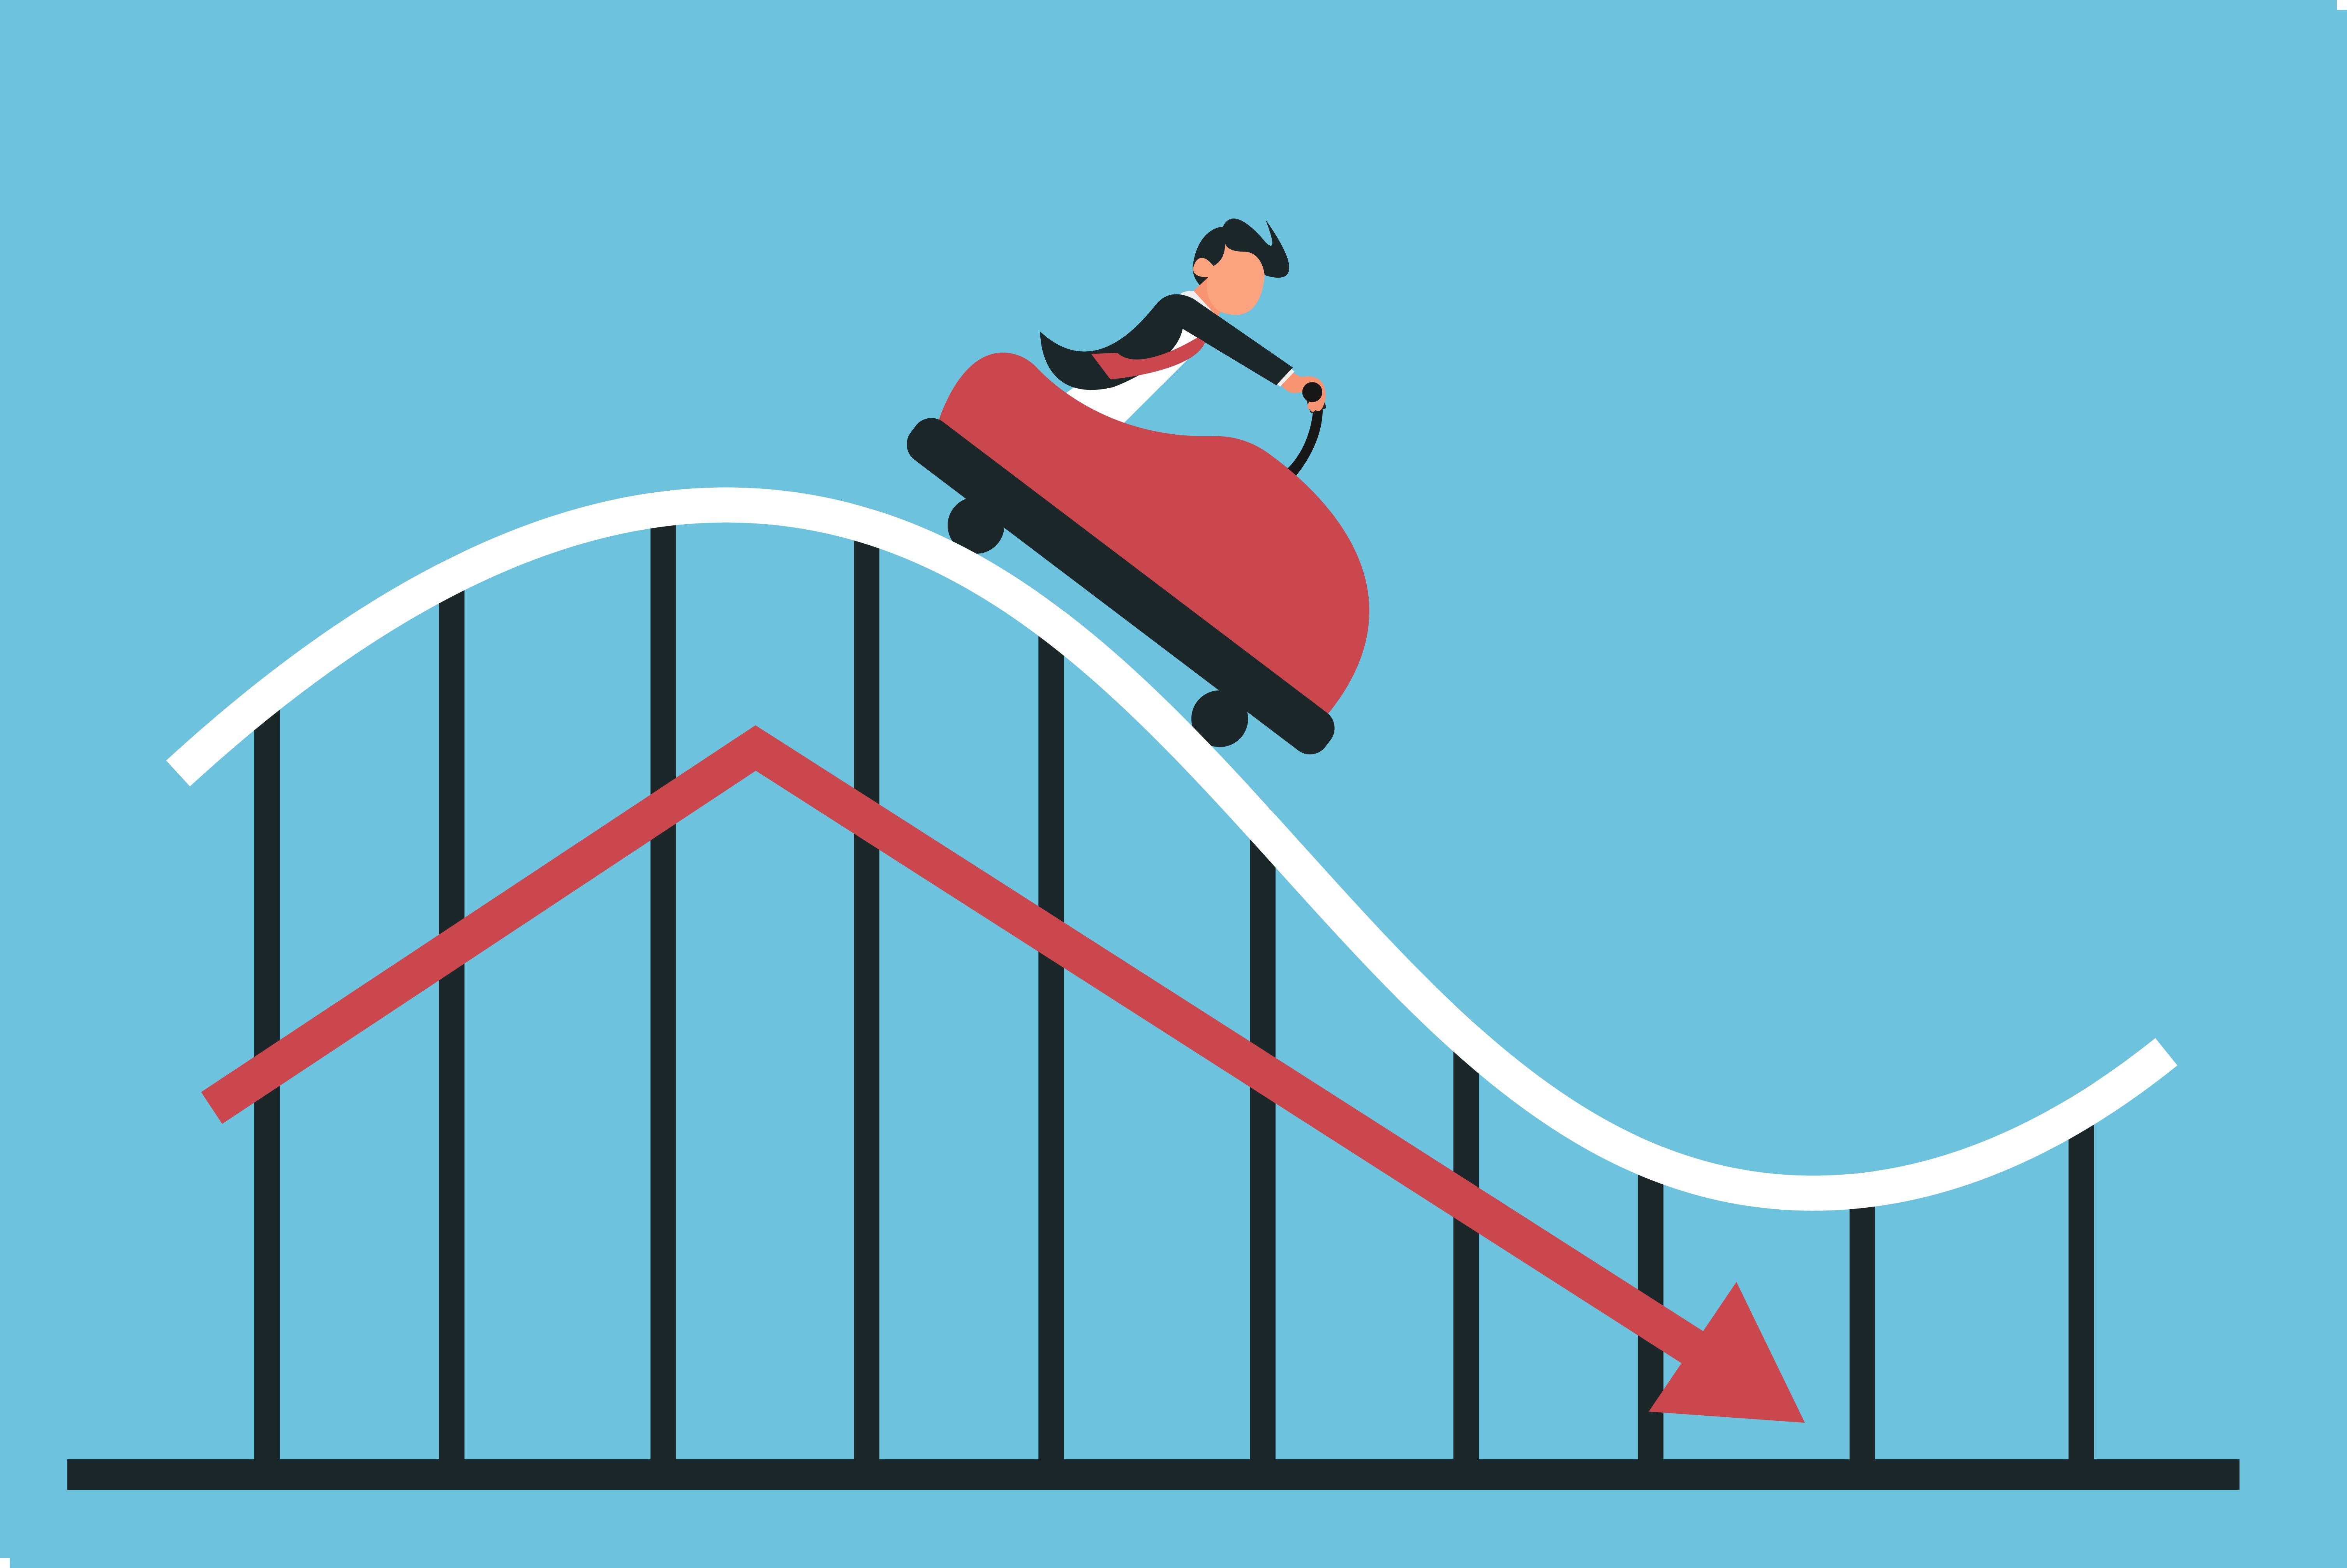 Prêts non performants : les banques incitées à réduire le risque